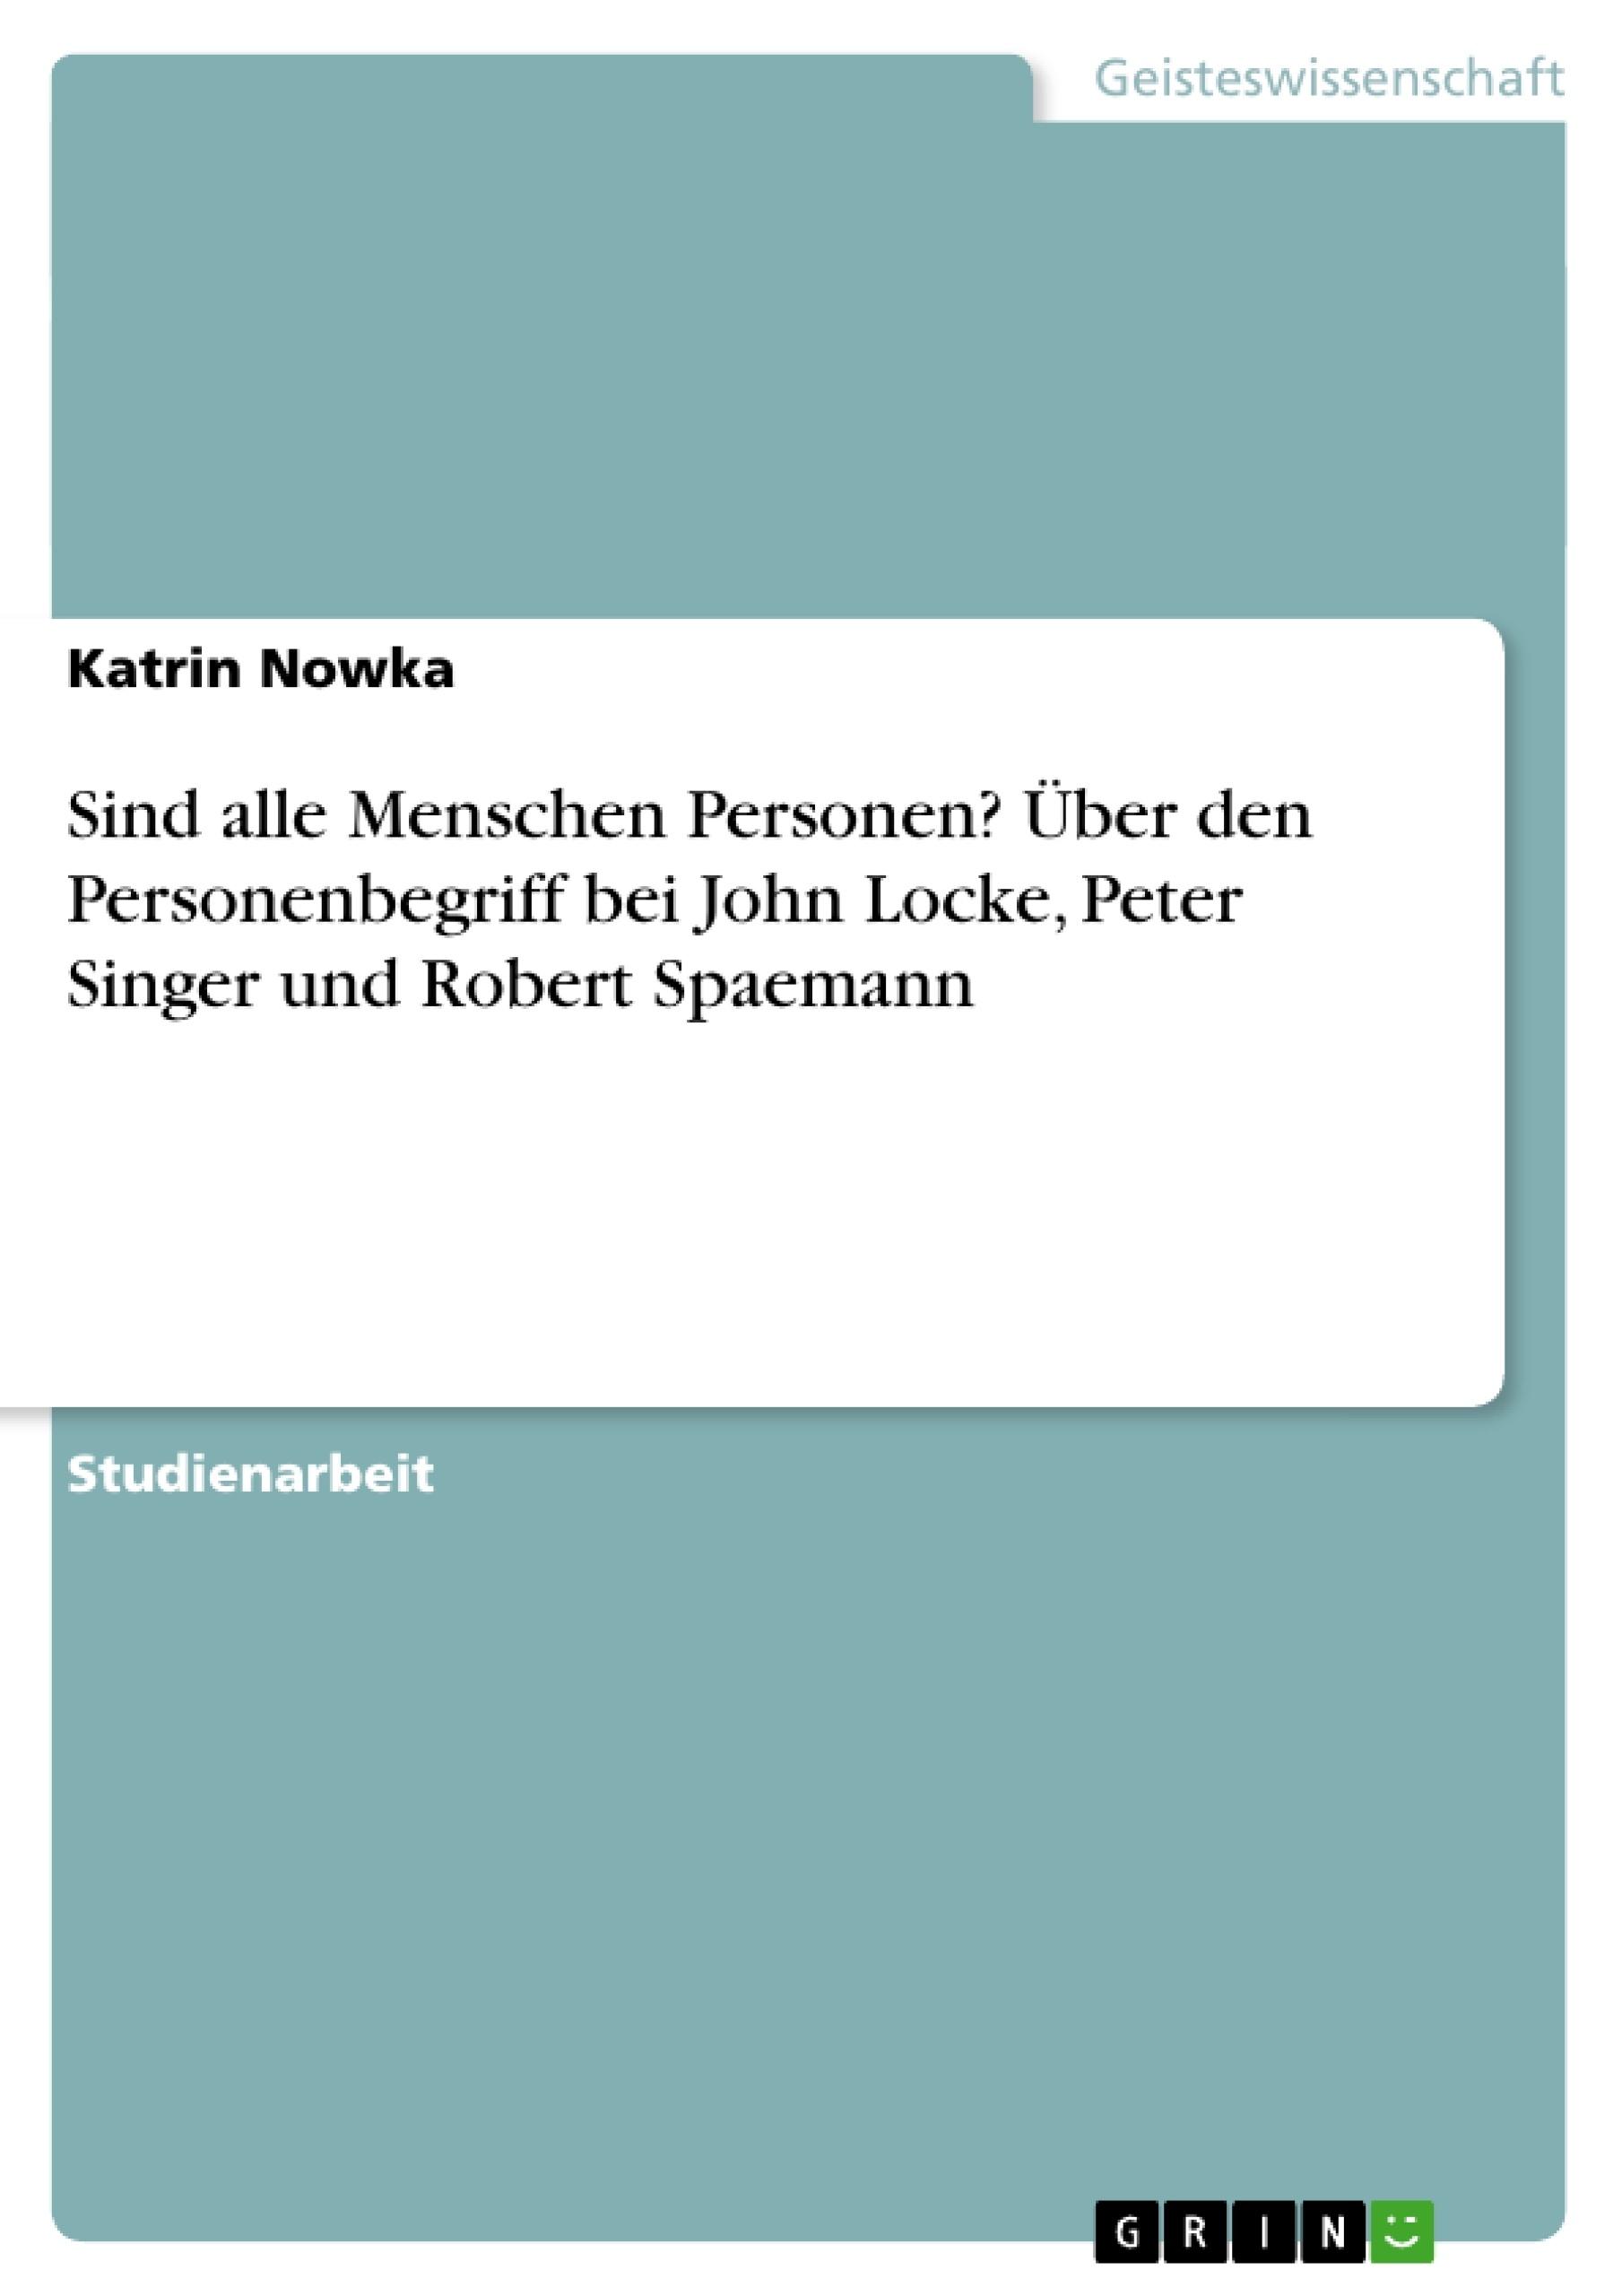 Titel: Sind alle Menschen Personen? Über den Personenbegriff bei John Locke, Peter Singer und Robert Spaemann